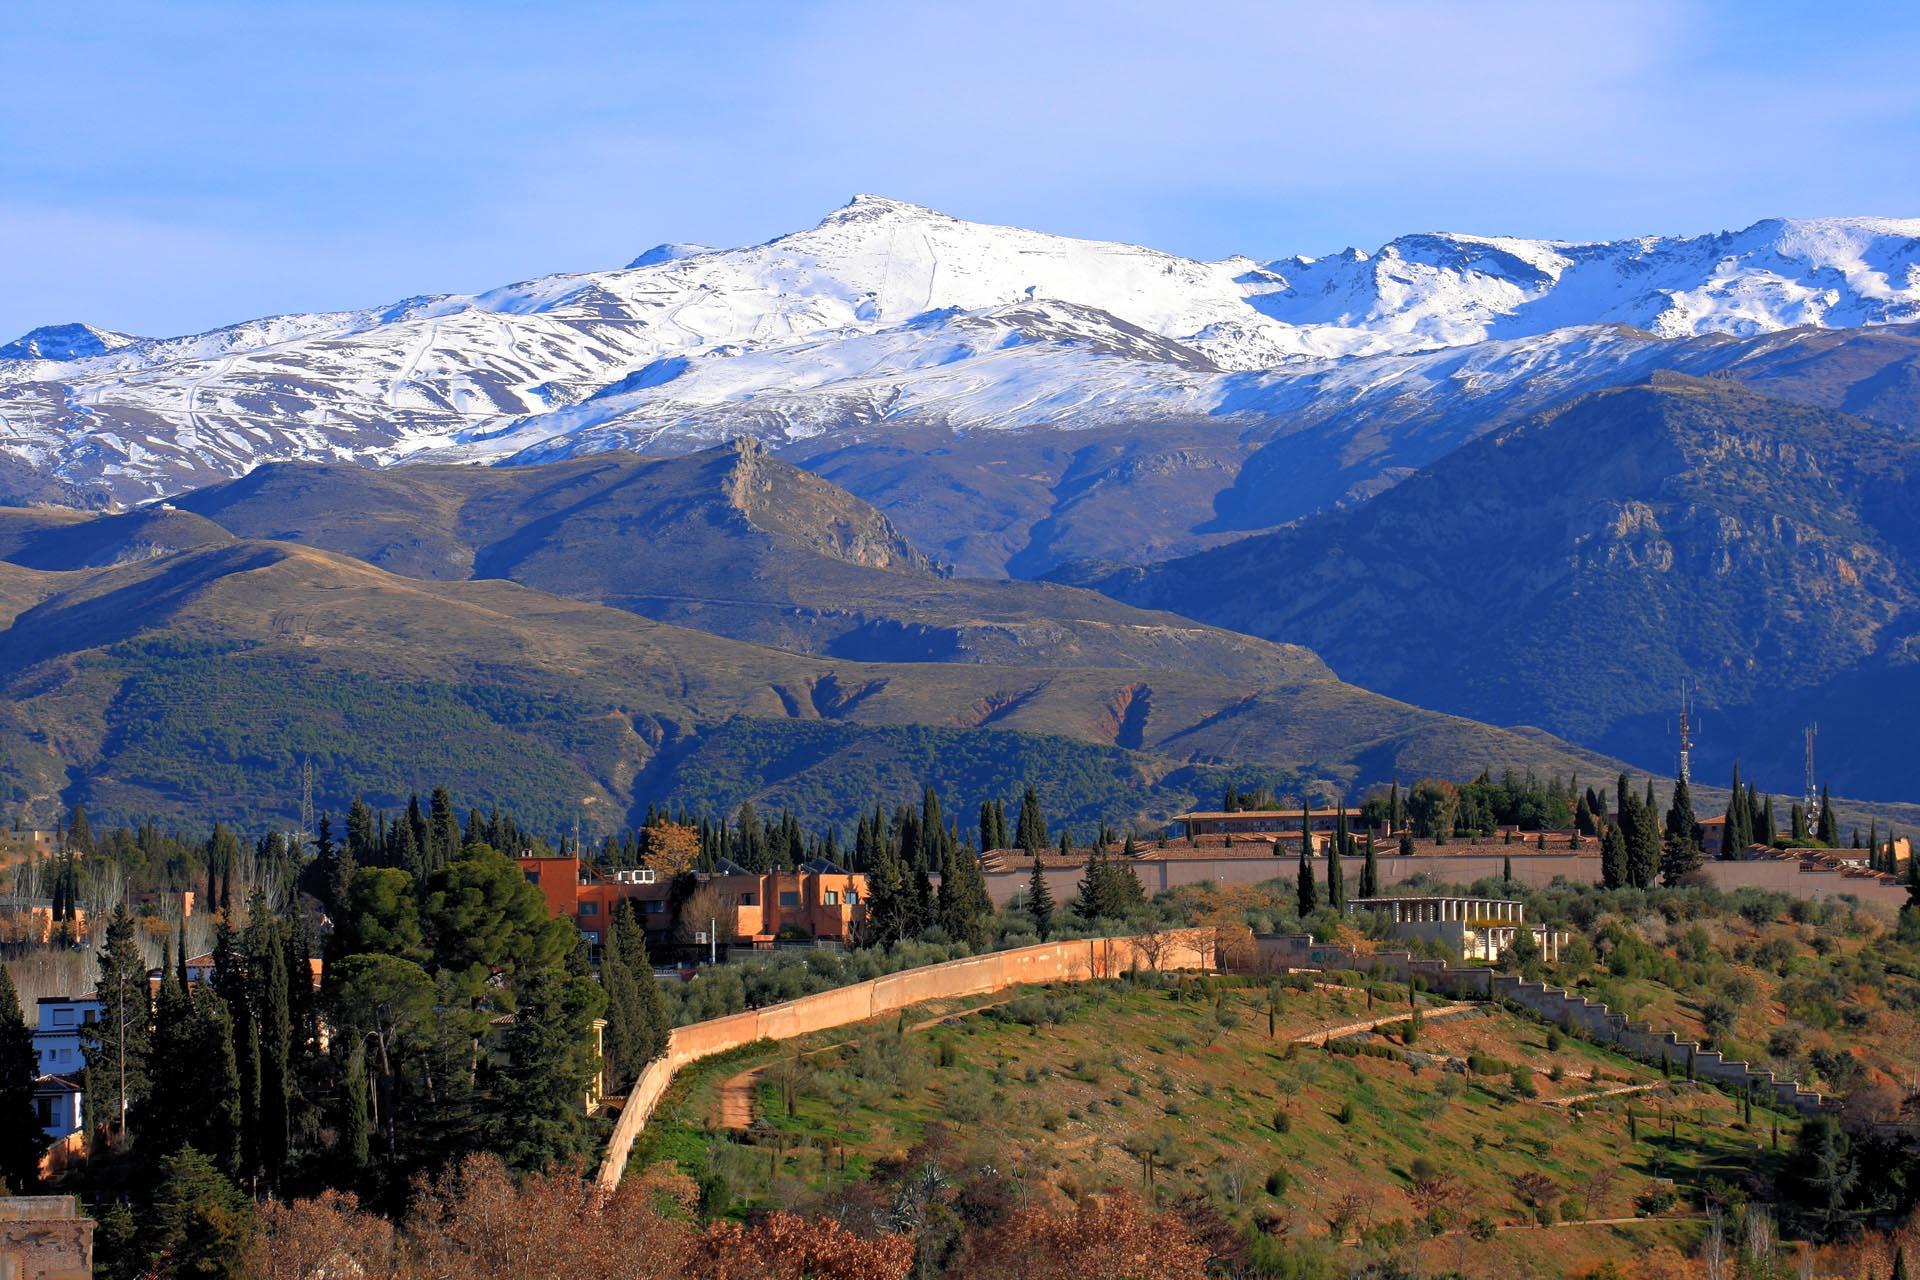 Una Montaña Nevada: Sierra Nevada, Las Montañas Más Altas